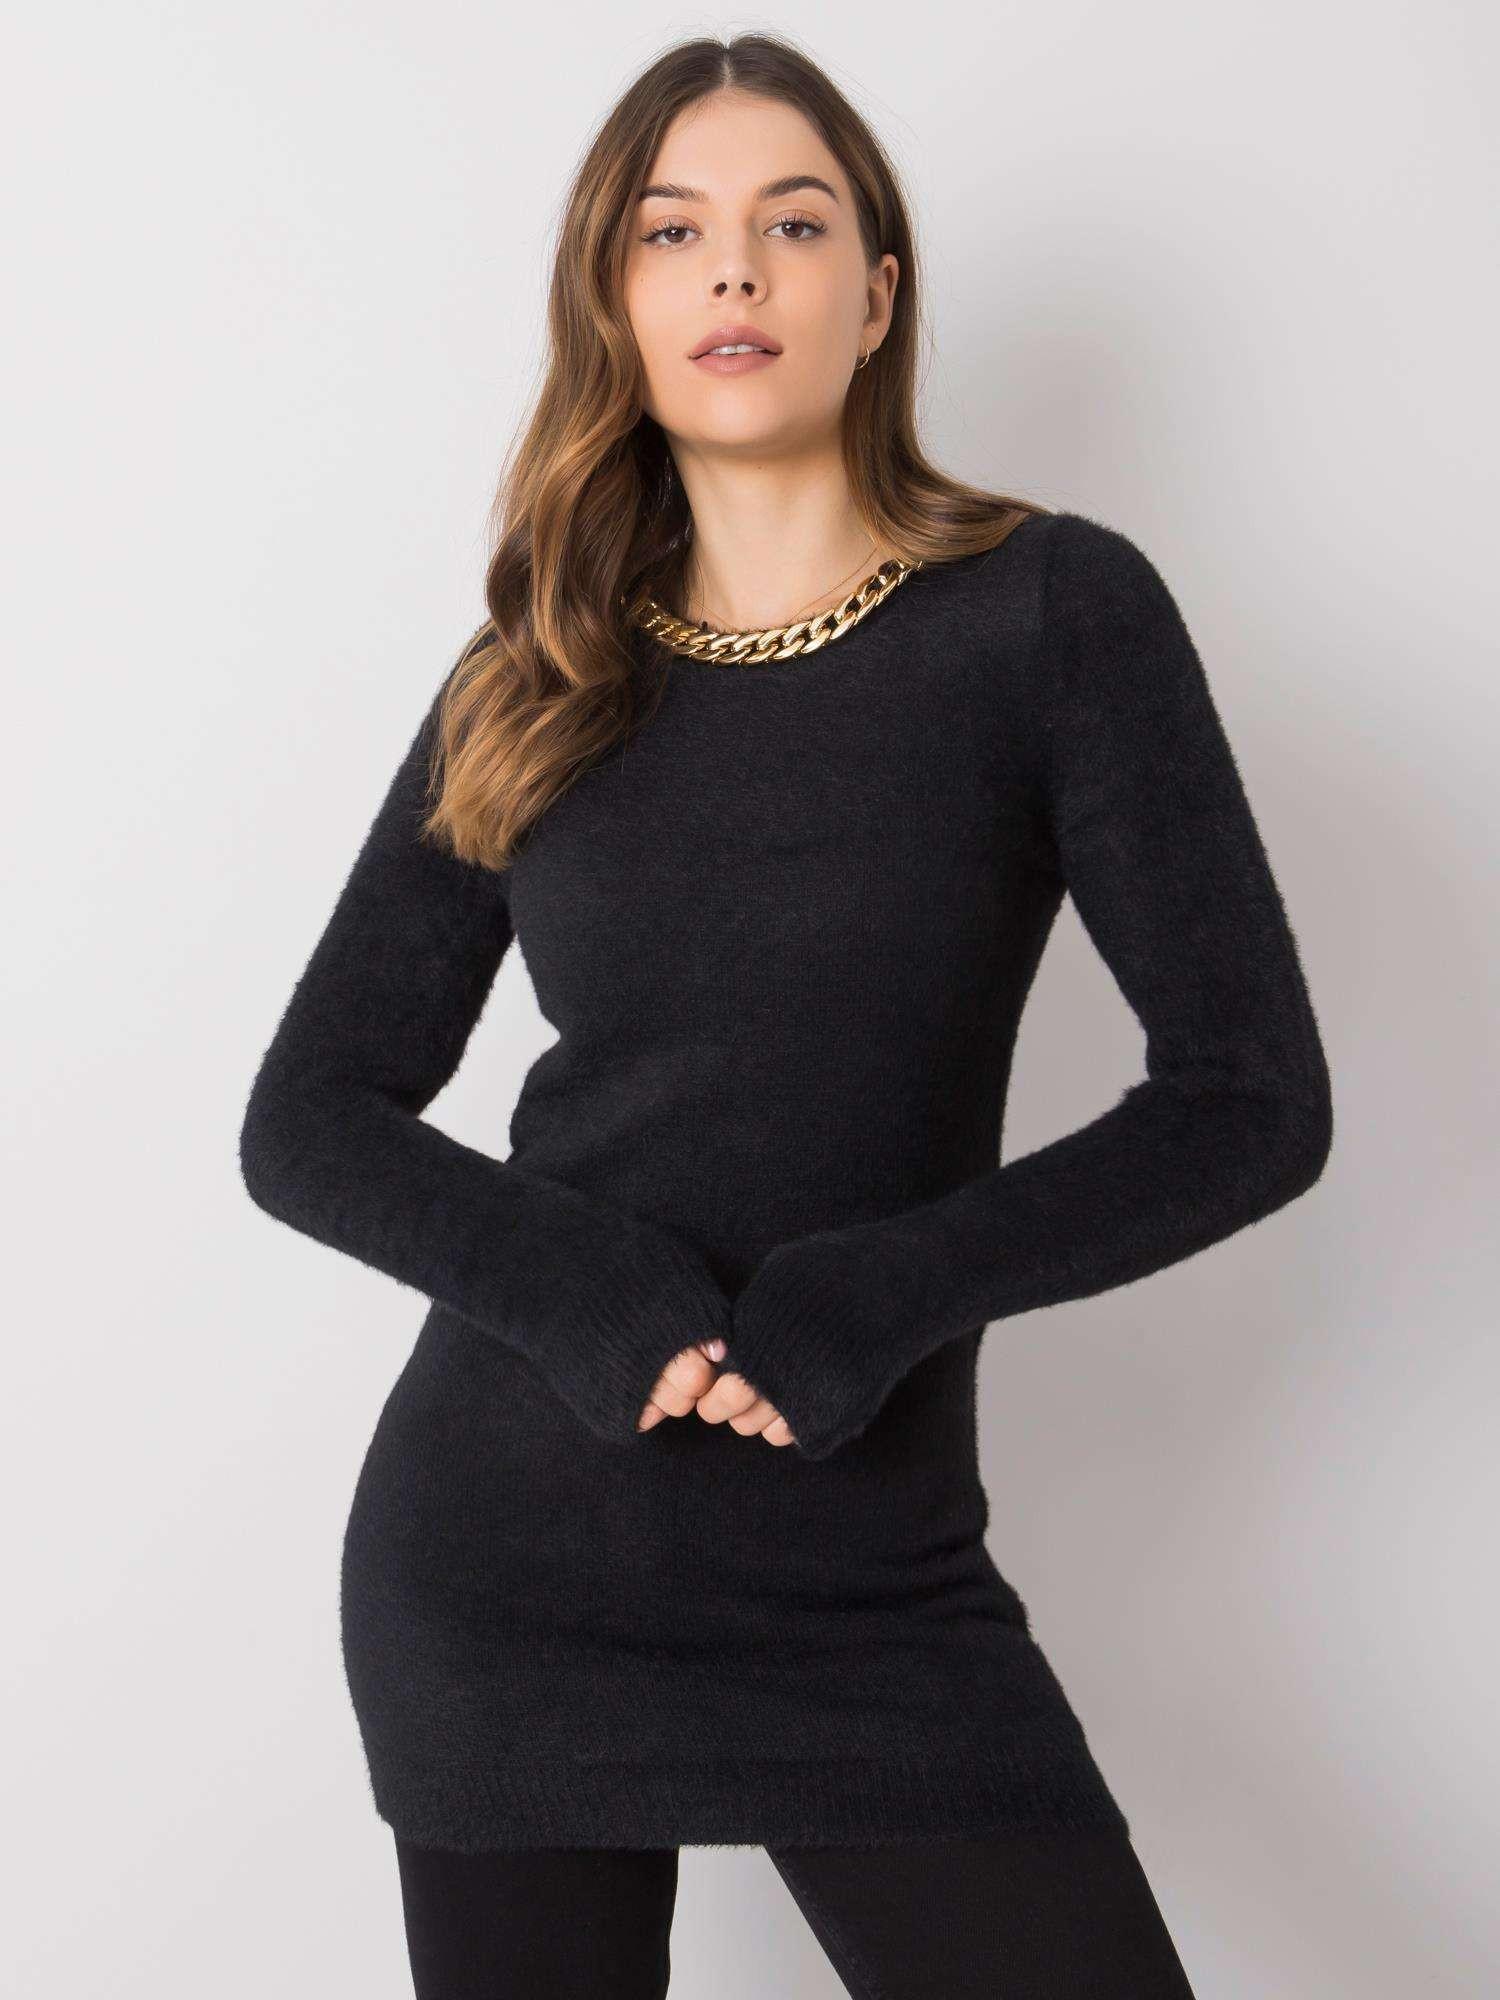 Dámský černý dlouhý svetr jedna velikost